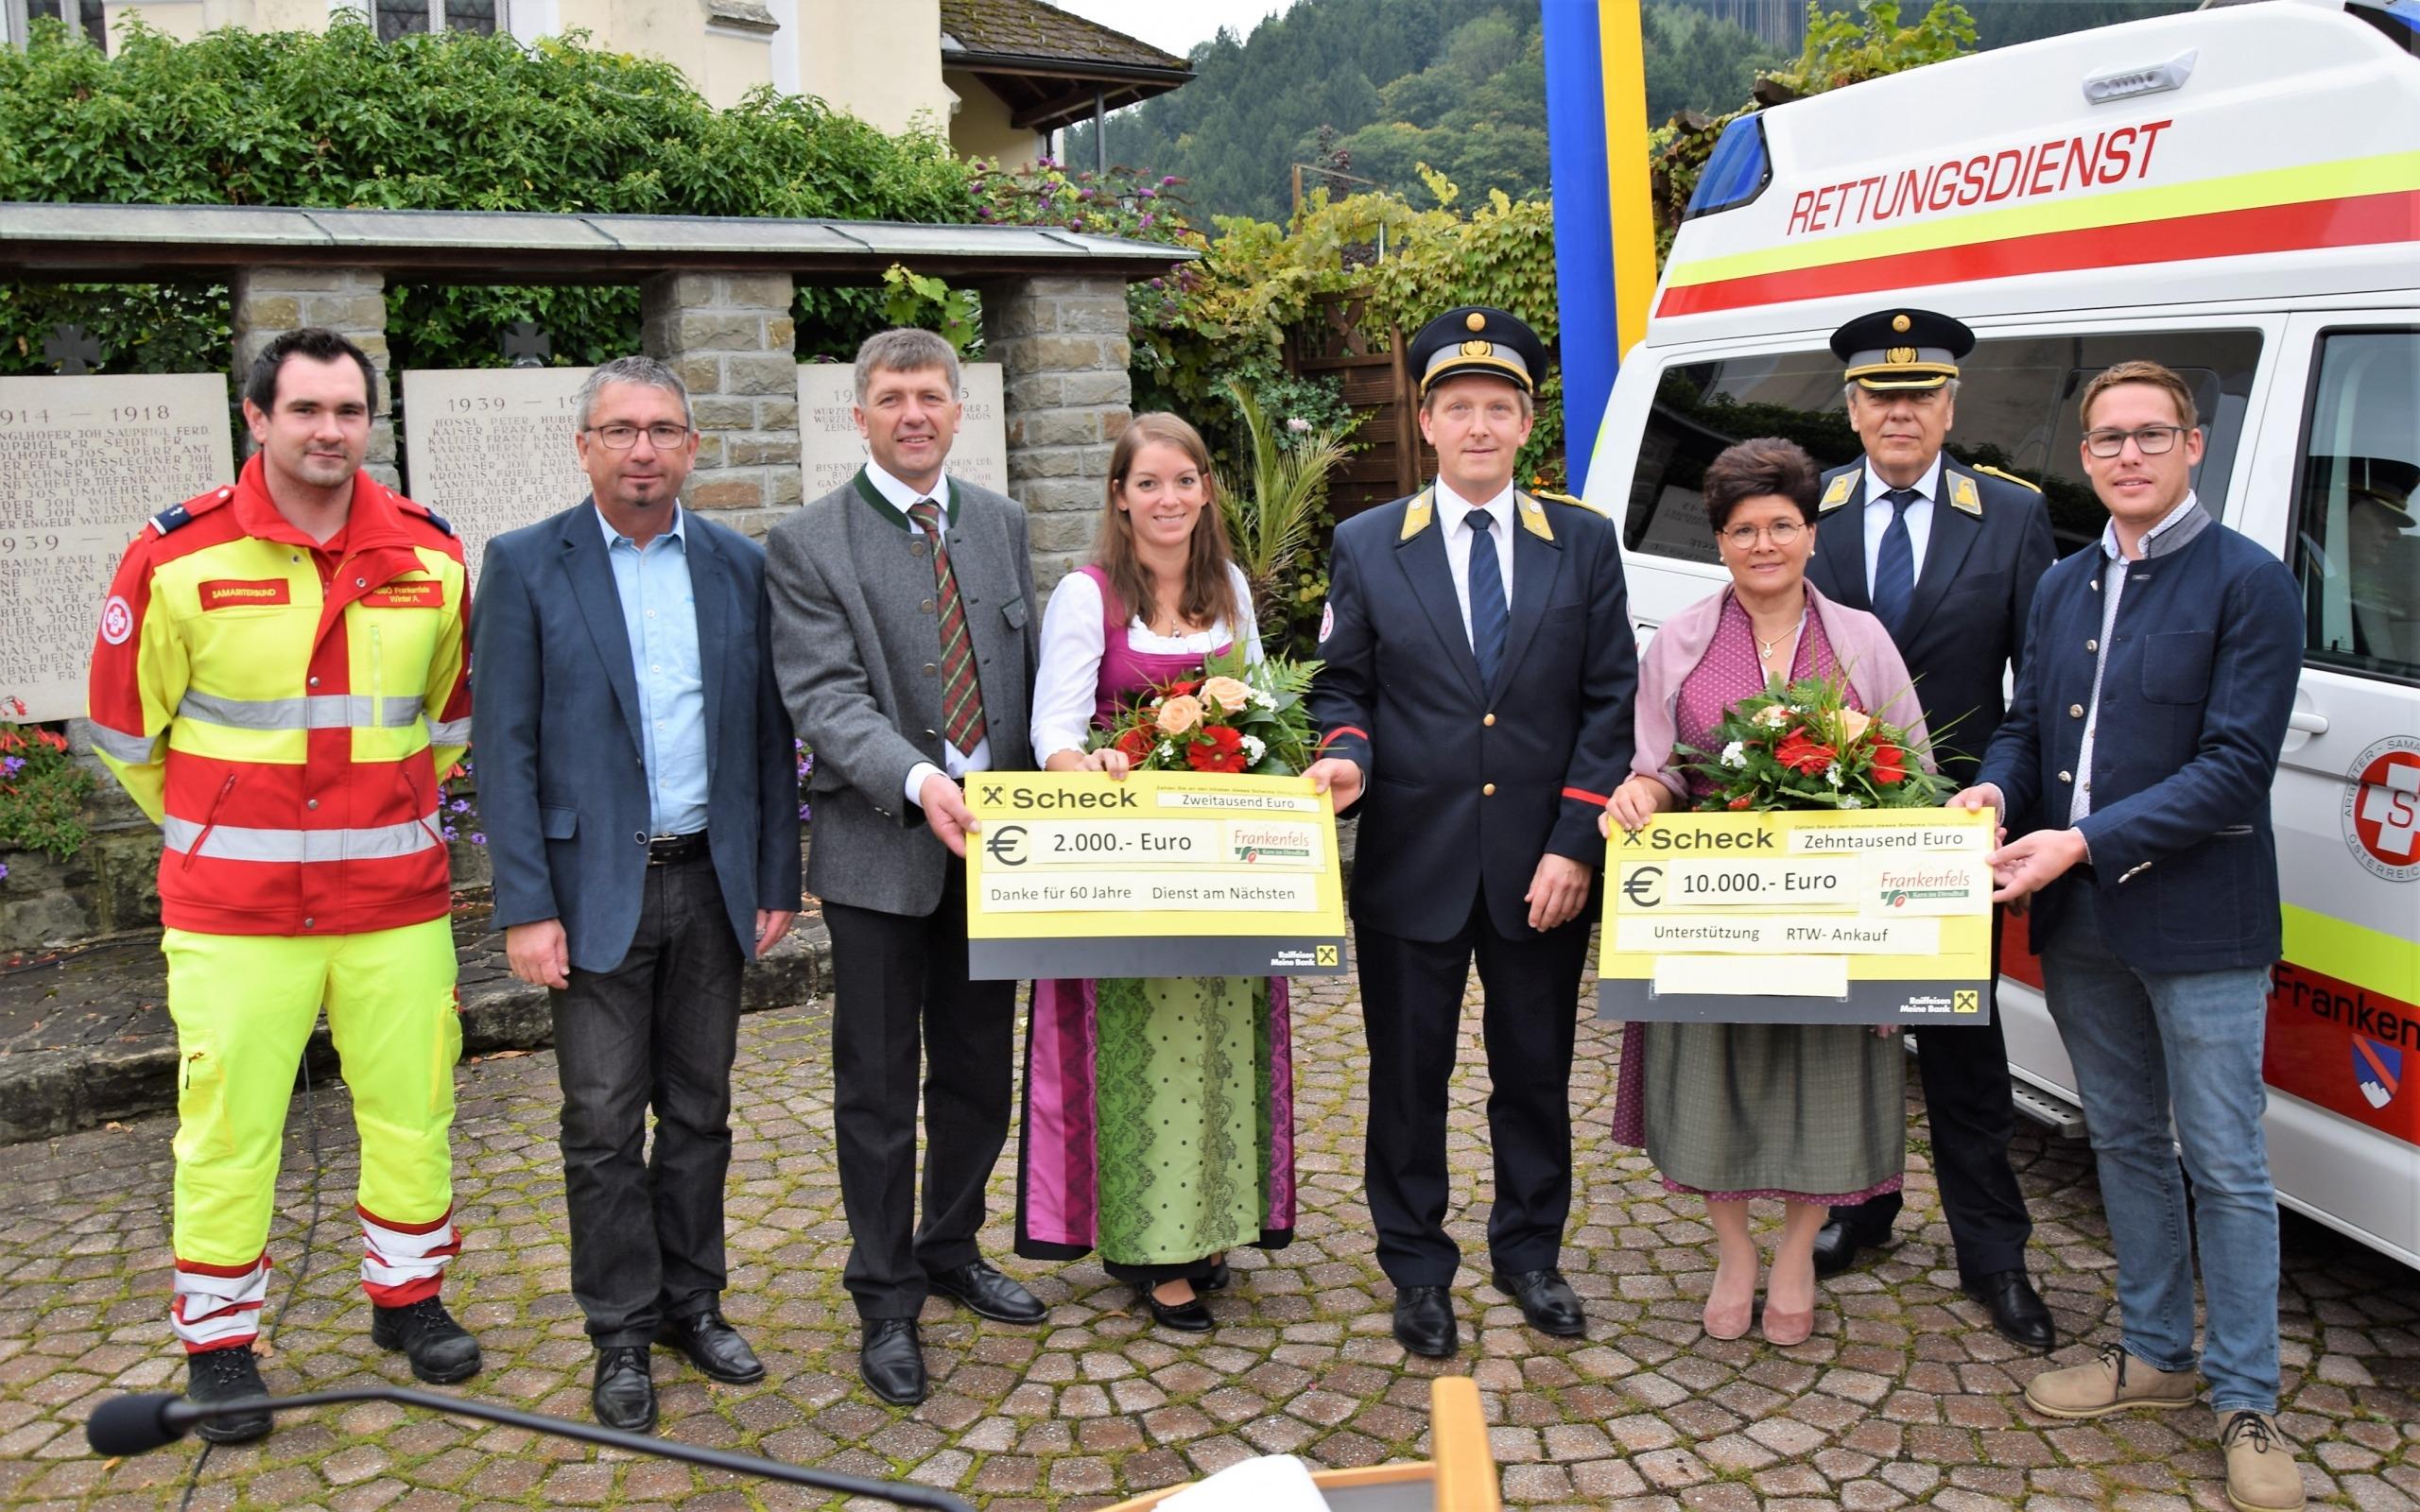 Übergabe der Schecks von Gemeinde an ASBÖ